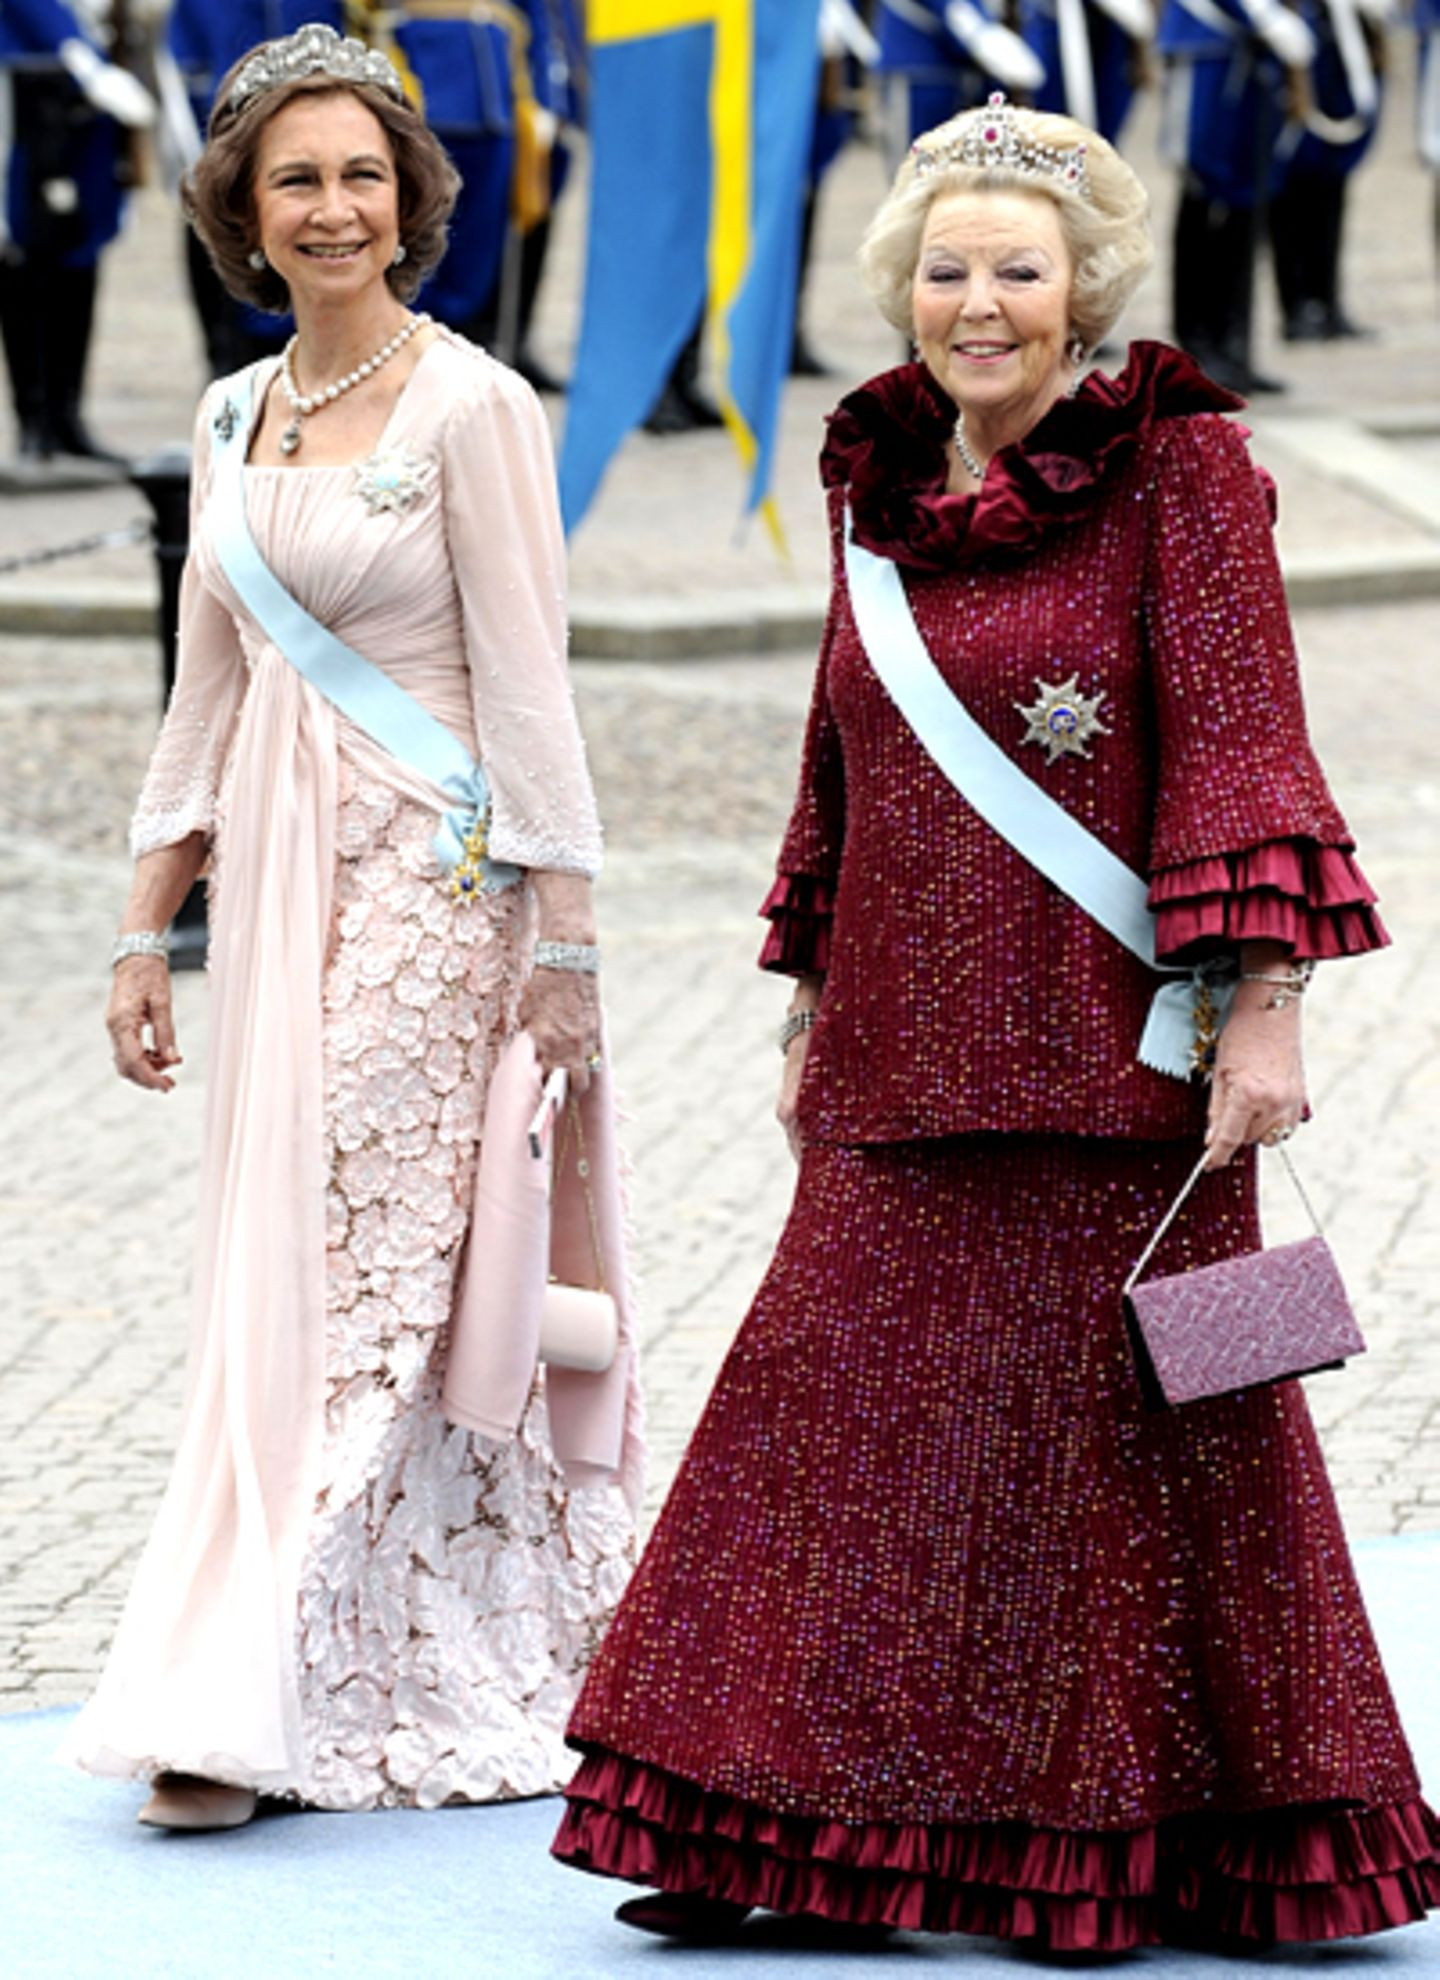 Königin Sofia von Spanien und Königin Beatrix von den Niederlande meistern den Kirchweg gemeinsam.